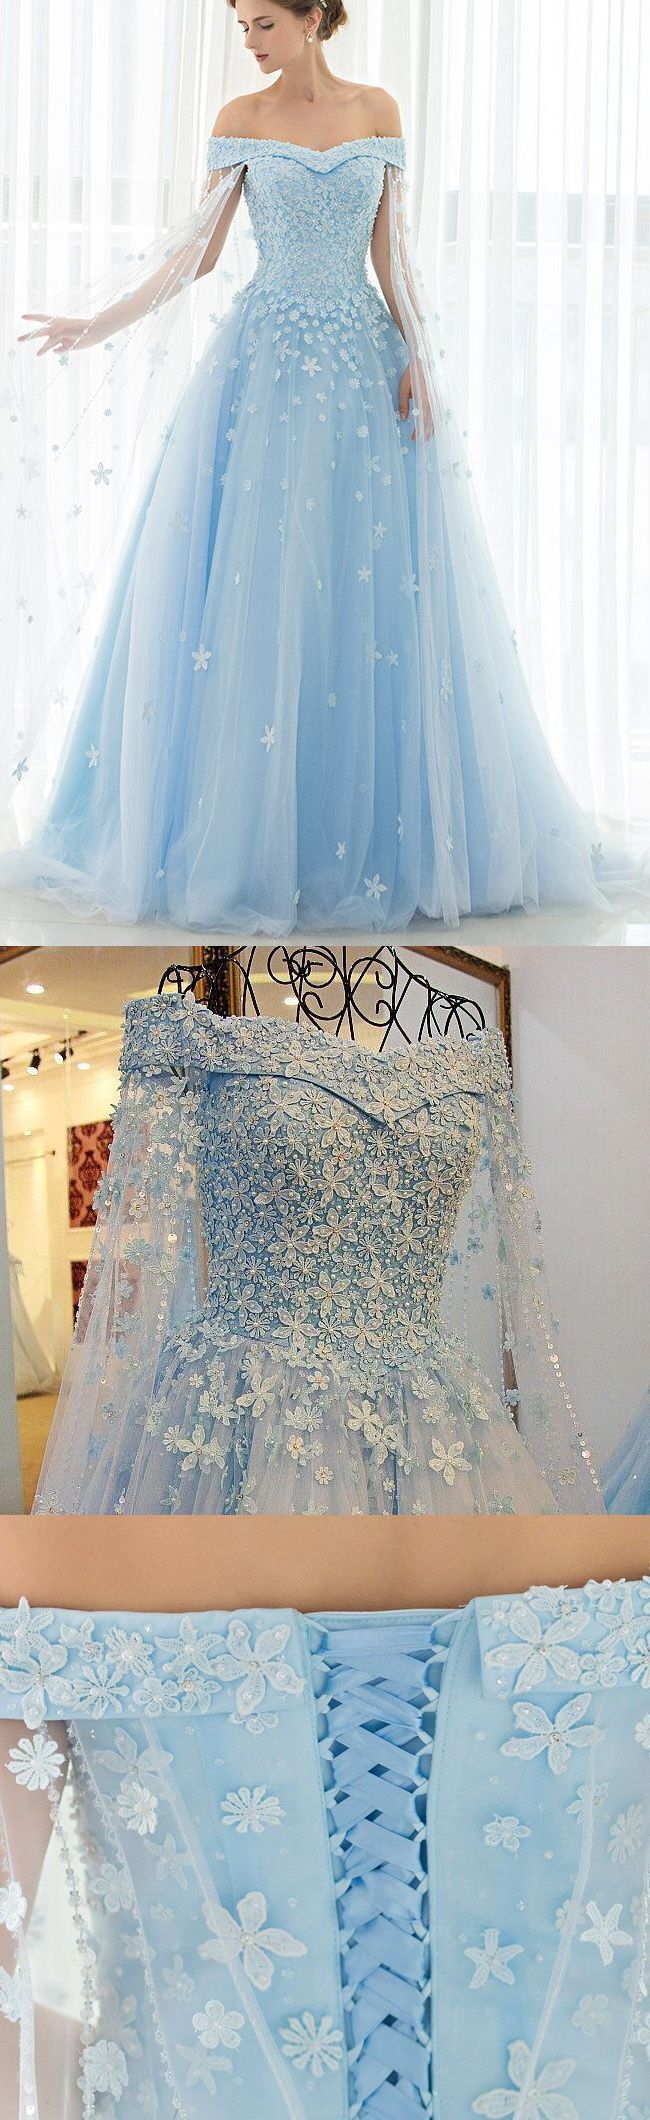 Blue Prom Dresses, Long Prom Dresses, Lace Prom Dresses, Light Blue ...